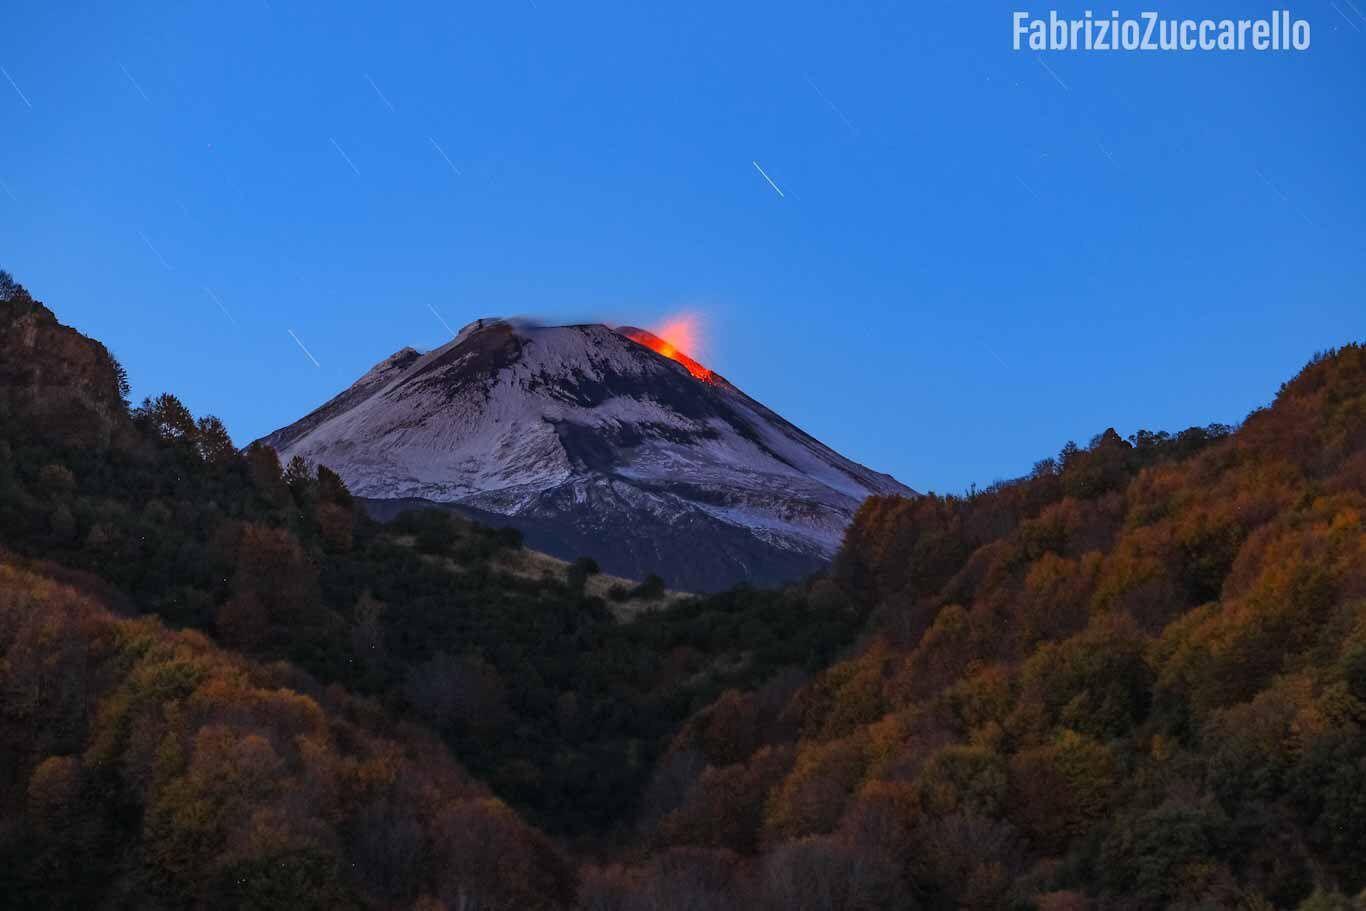 Etna - en soirée du 4 novembre, activité Strombolienne au NSEC - photo Fabricio Zuccarello / EtNative  / Twitter